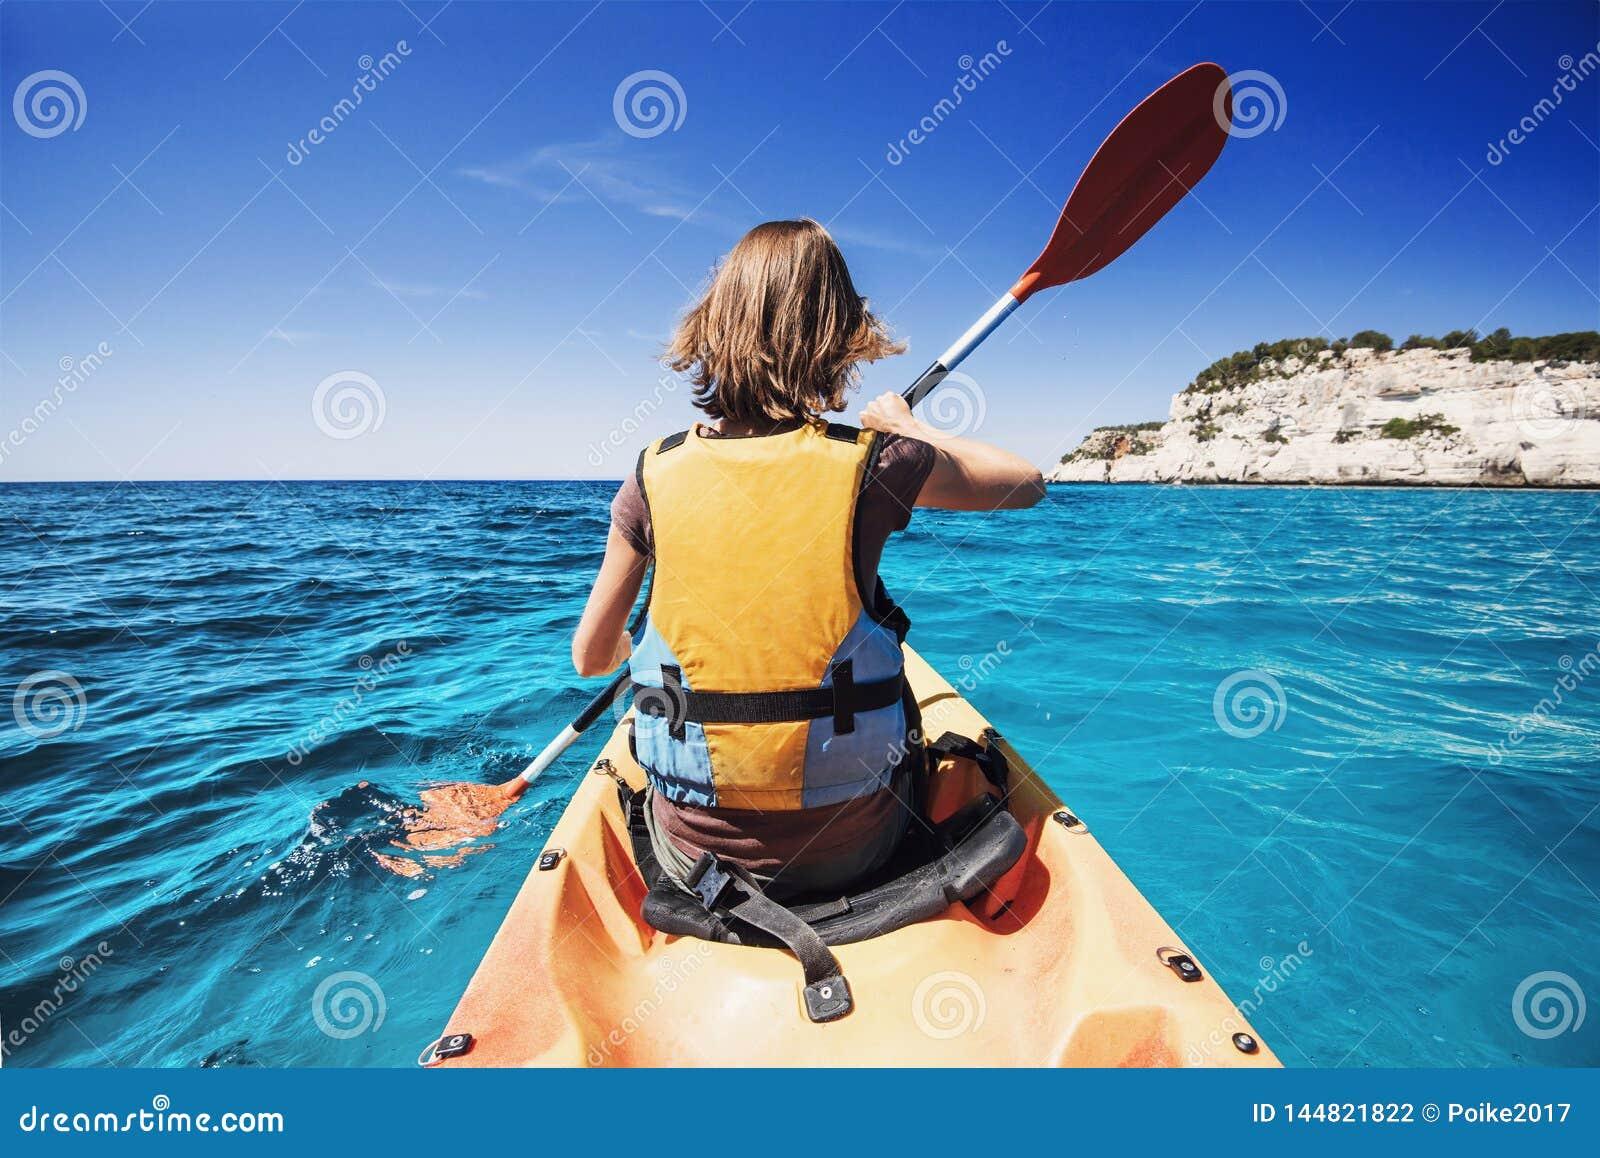 Kayak della giovane donna nel mare Stile di vita attivo e concetto di viaggio